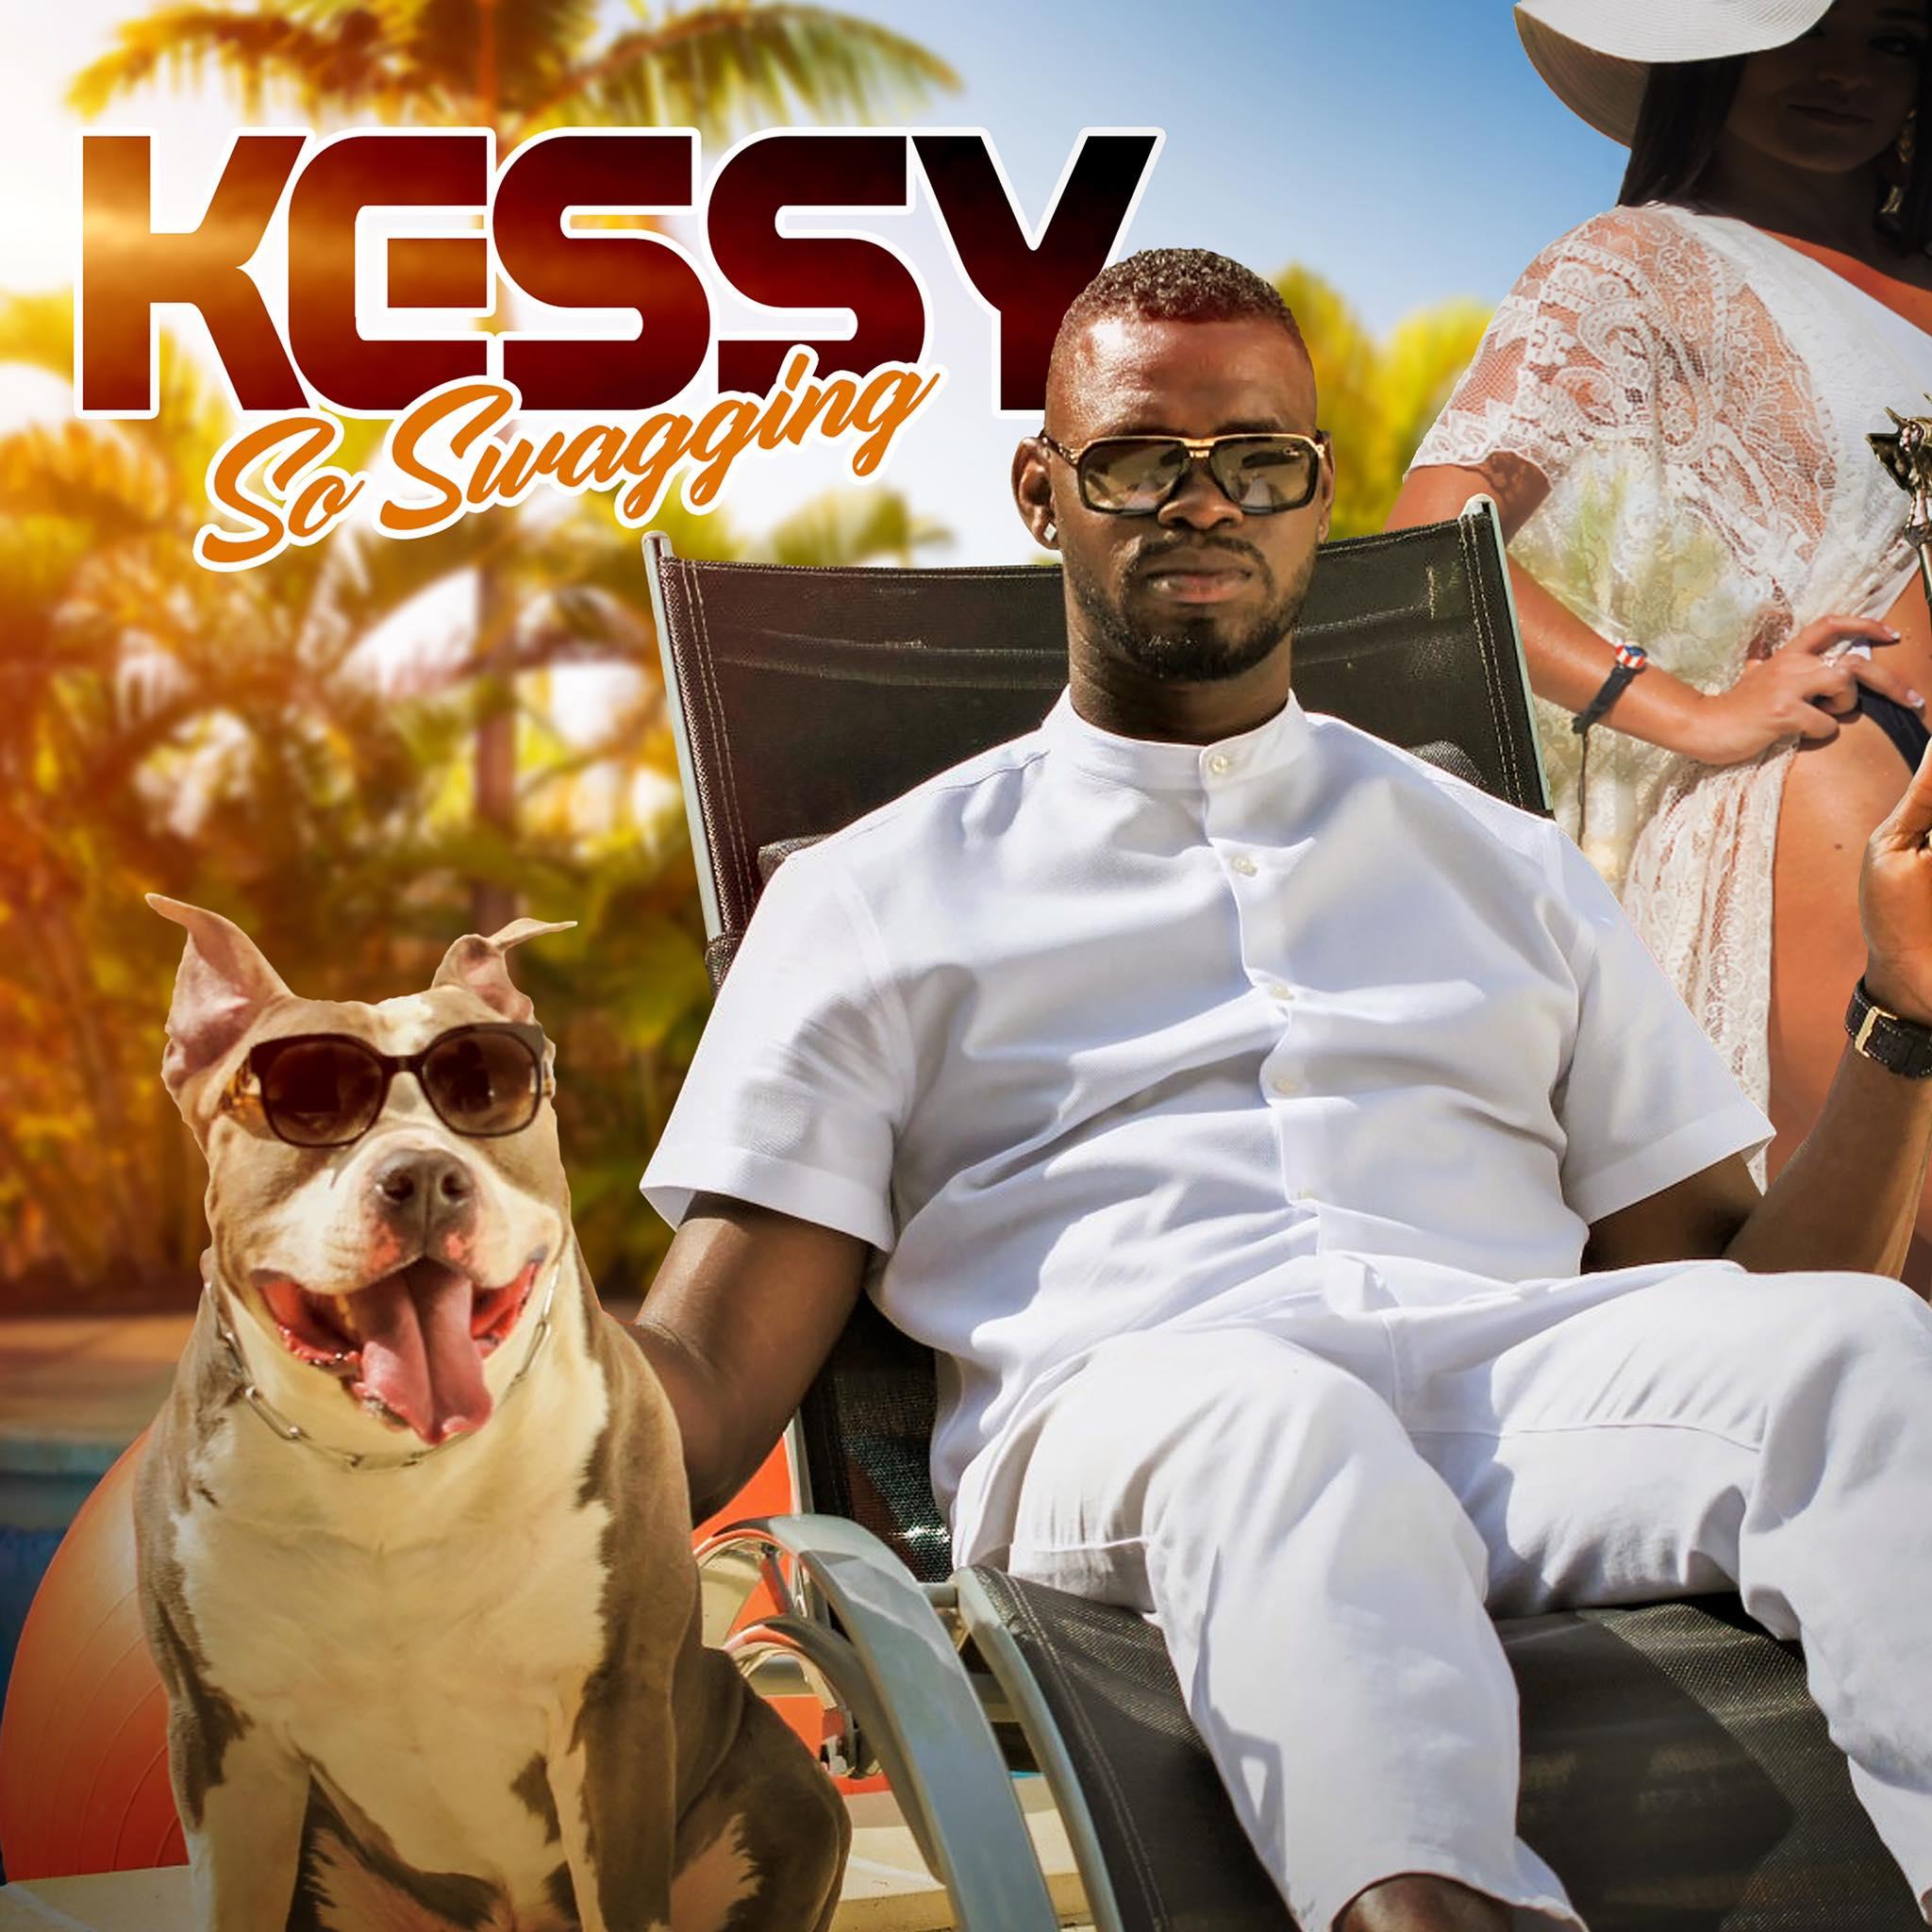 Kessy So Swagging Lyrics by Arron Storey